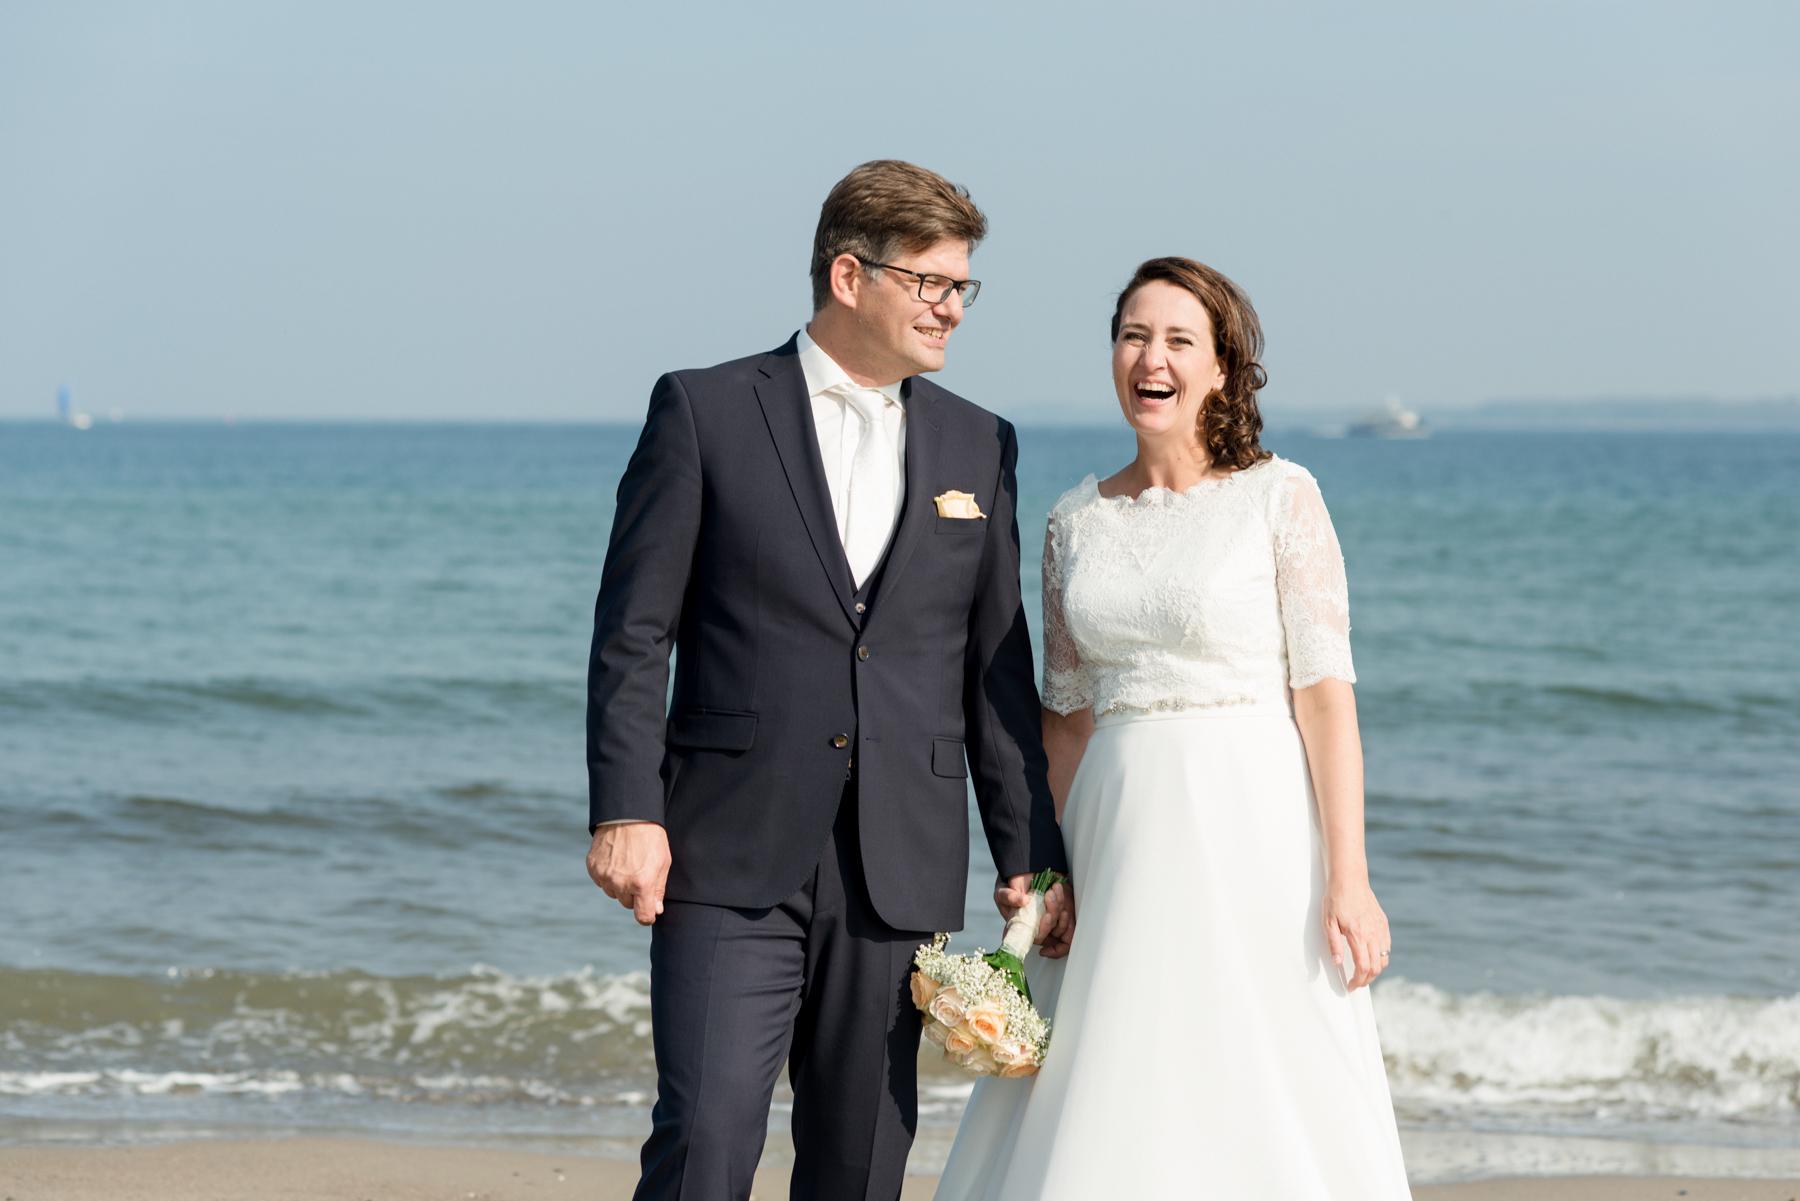 Bluhm-Hochzeitsfotograf-HochzeitamMeer-73.jpg